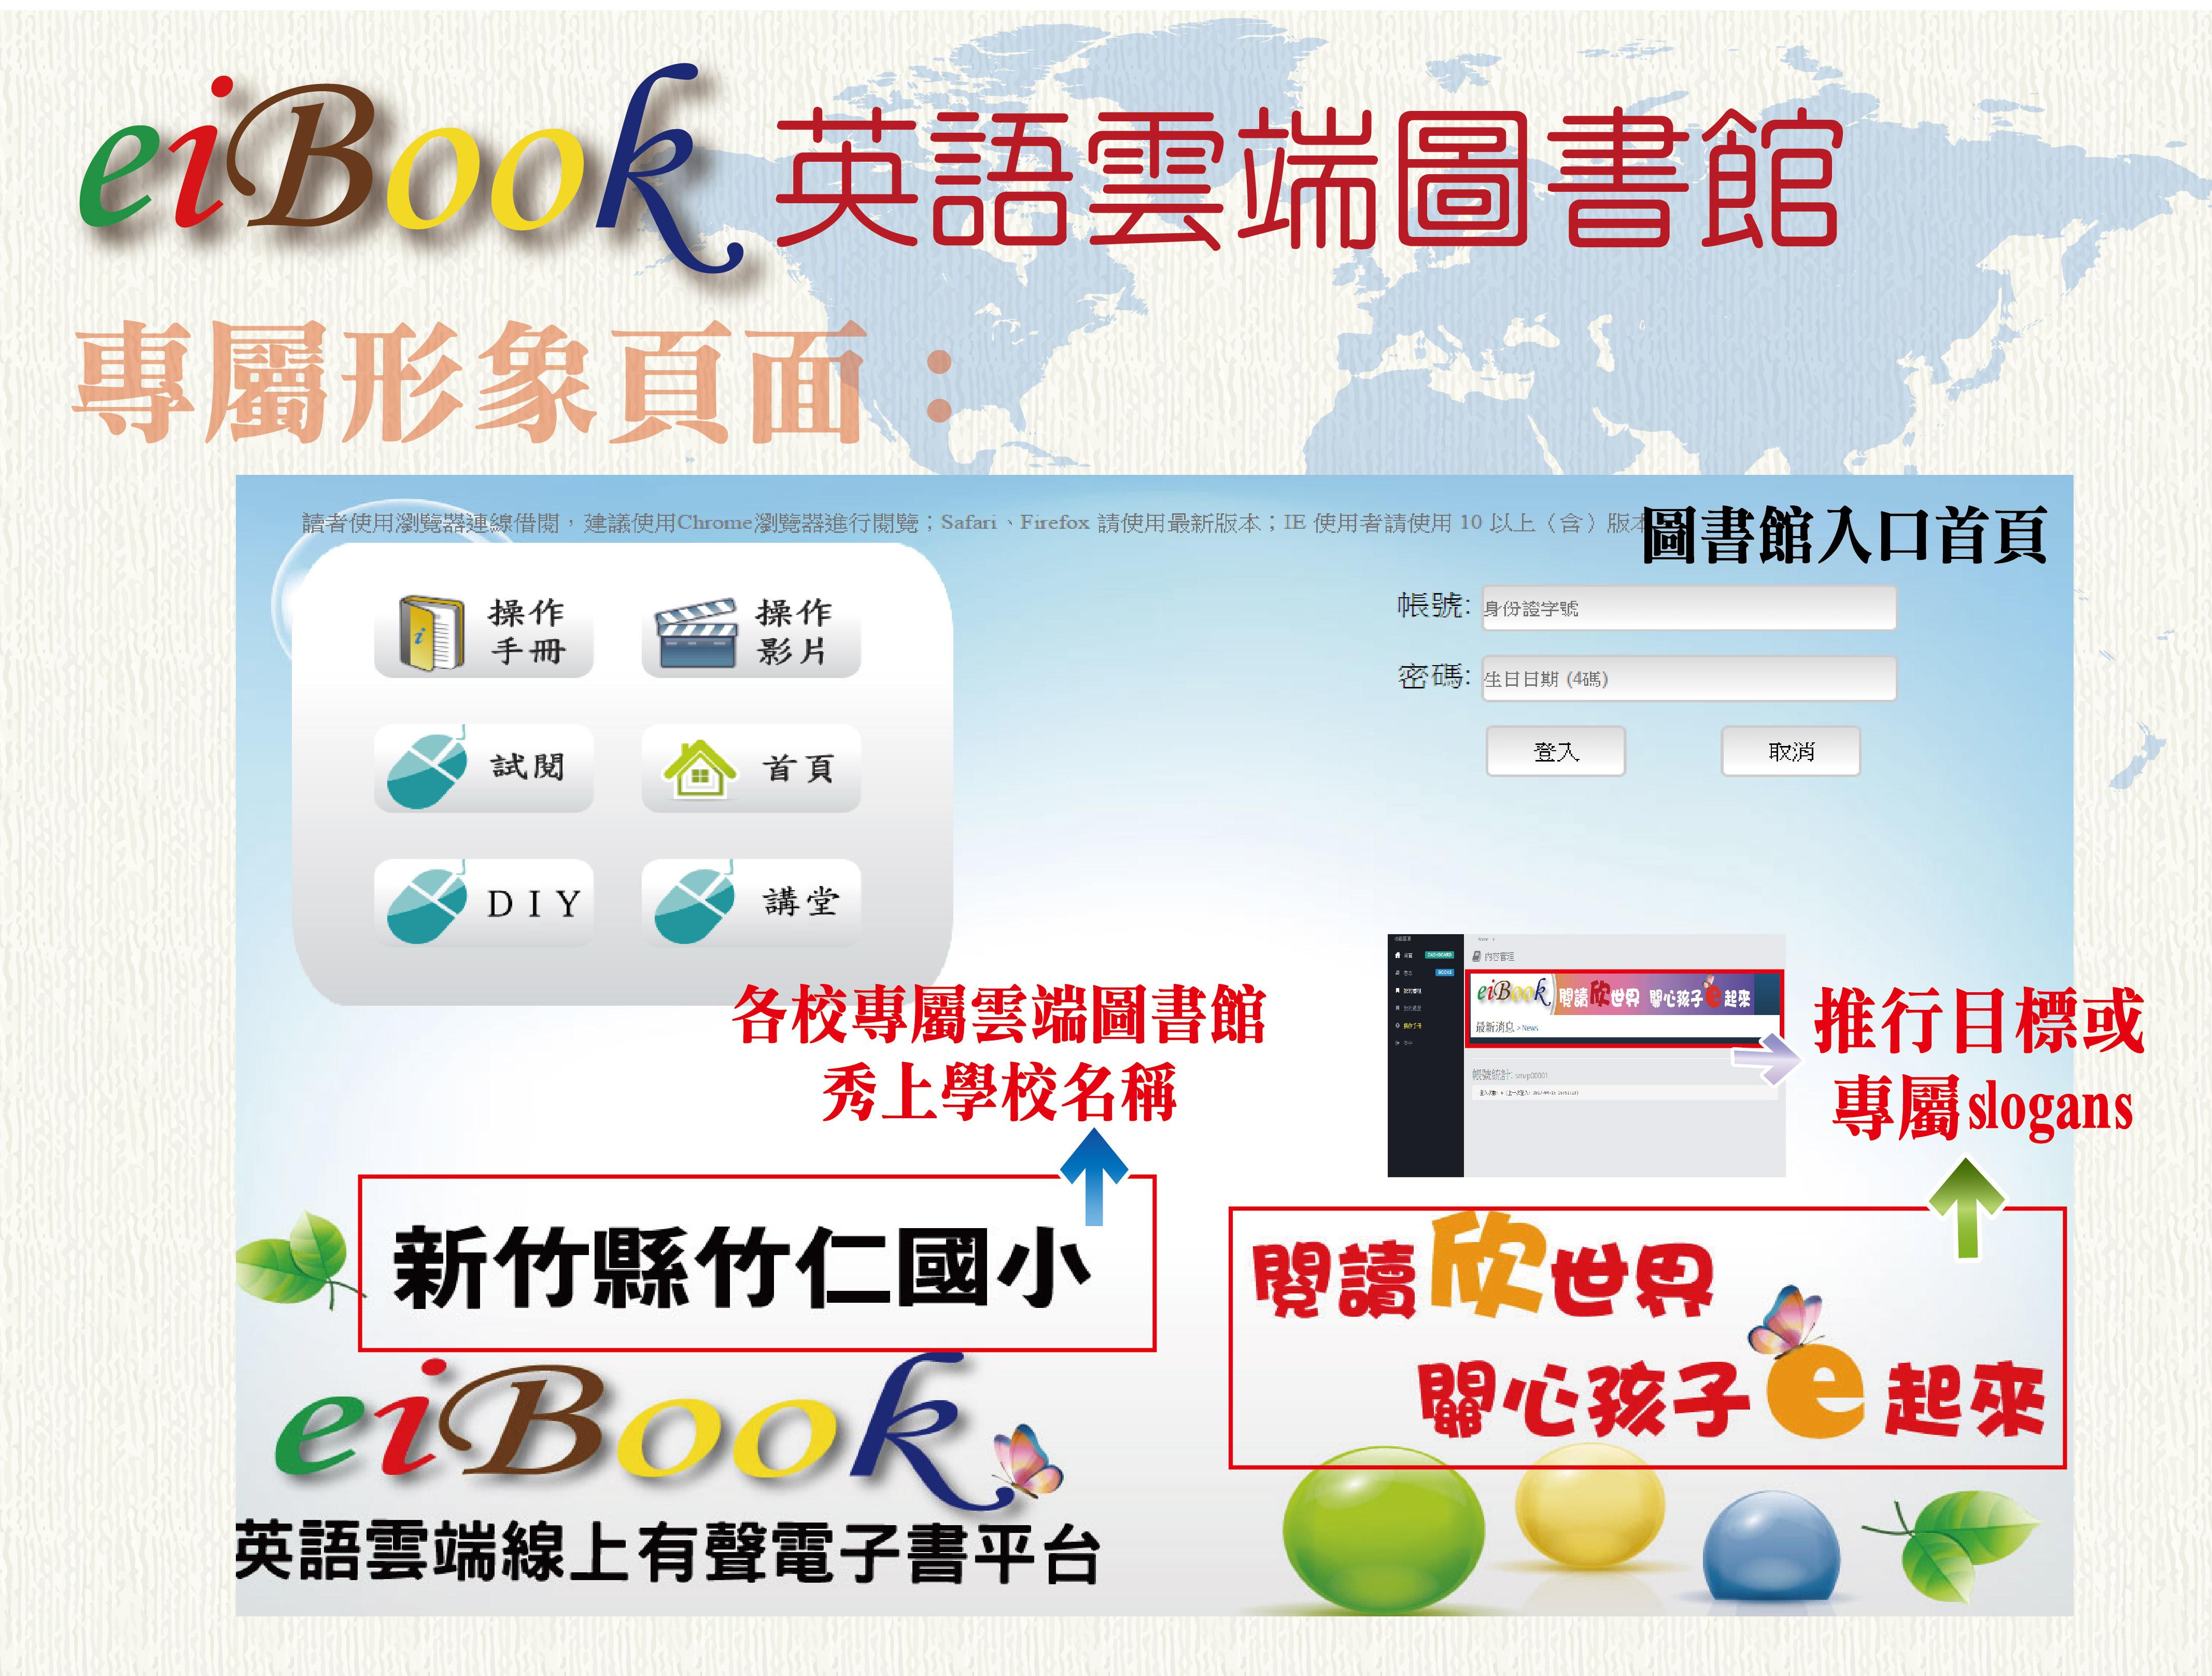 教育局-eibook-閱讀-0420-02.jpg